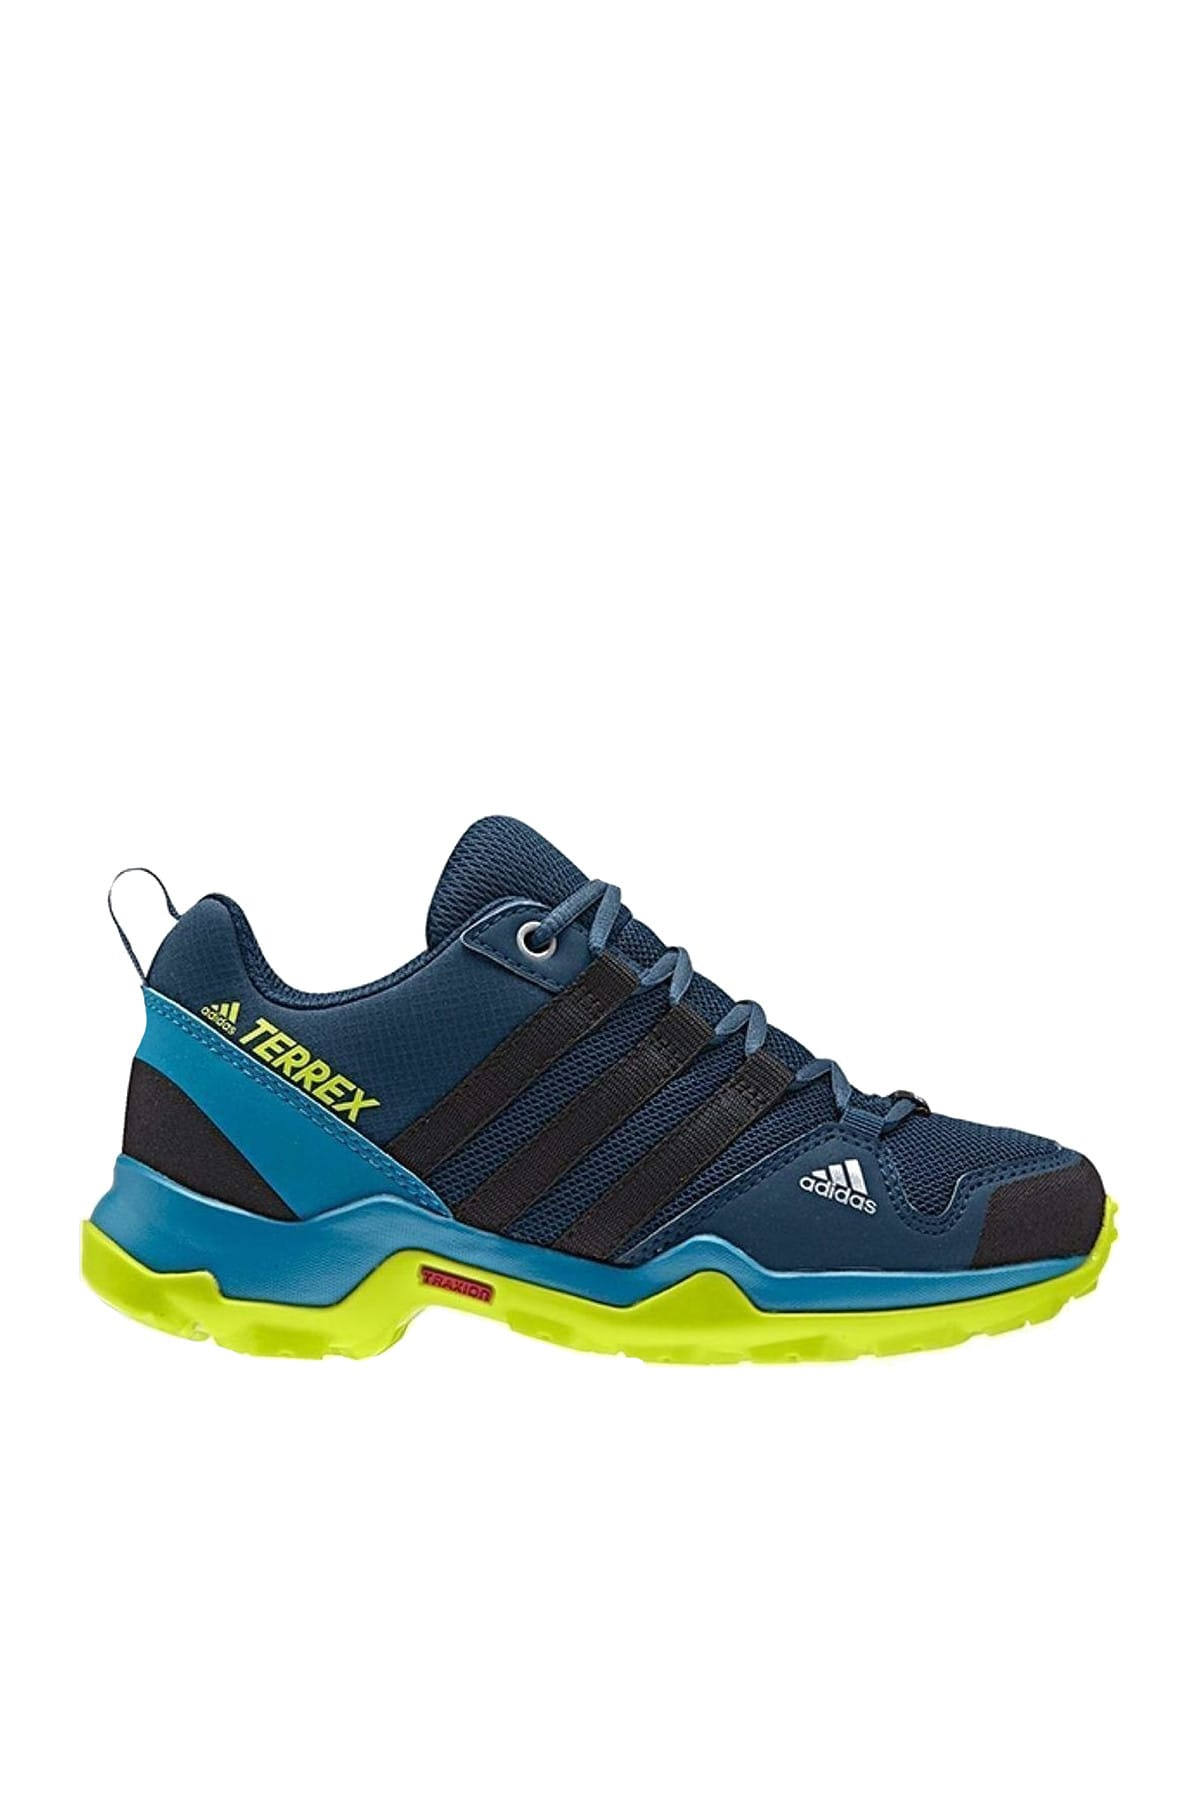 adidas Çocuk Günlük Ayakkabı By1608 Terrex Ax2R Cp K 1